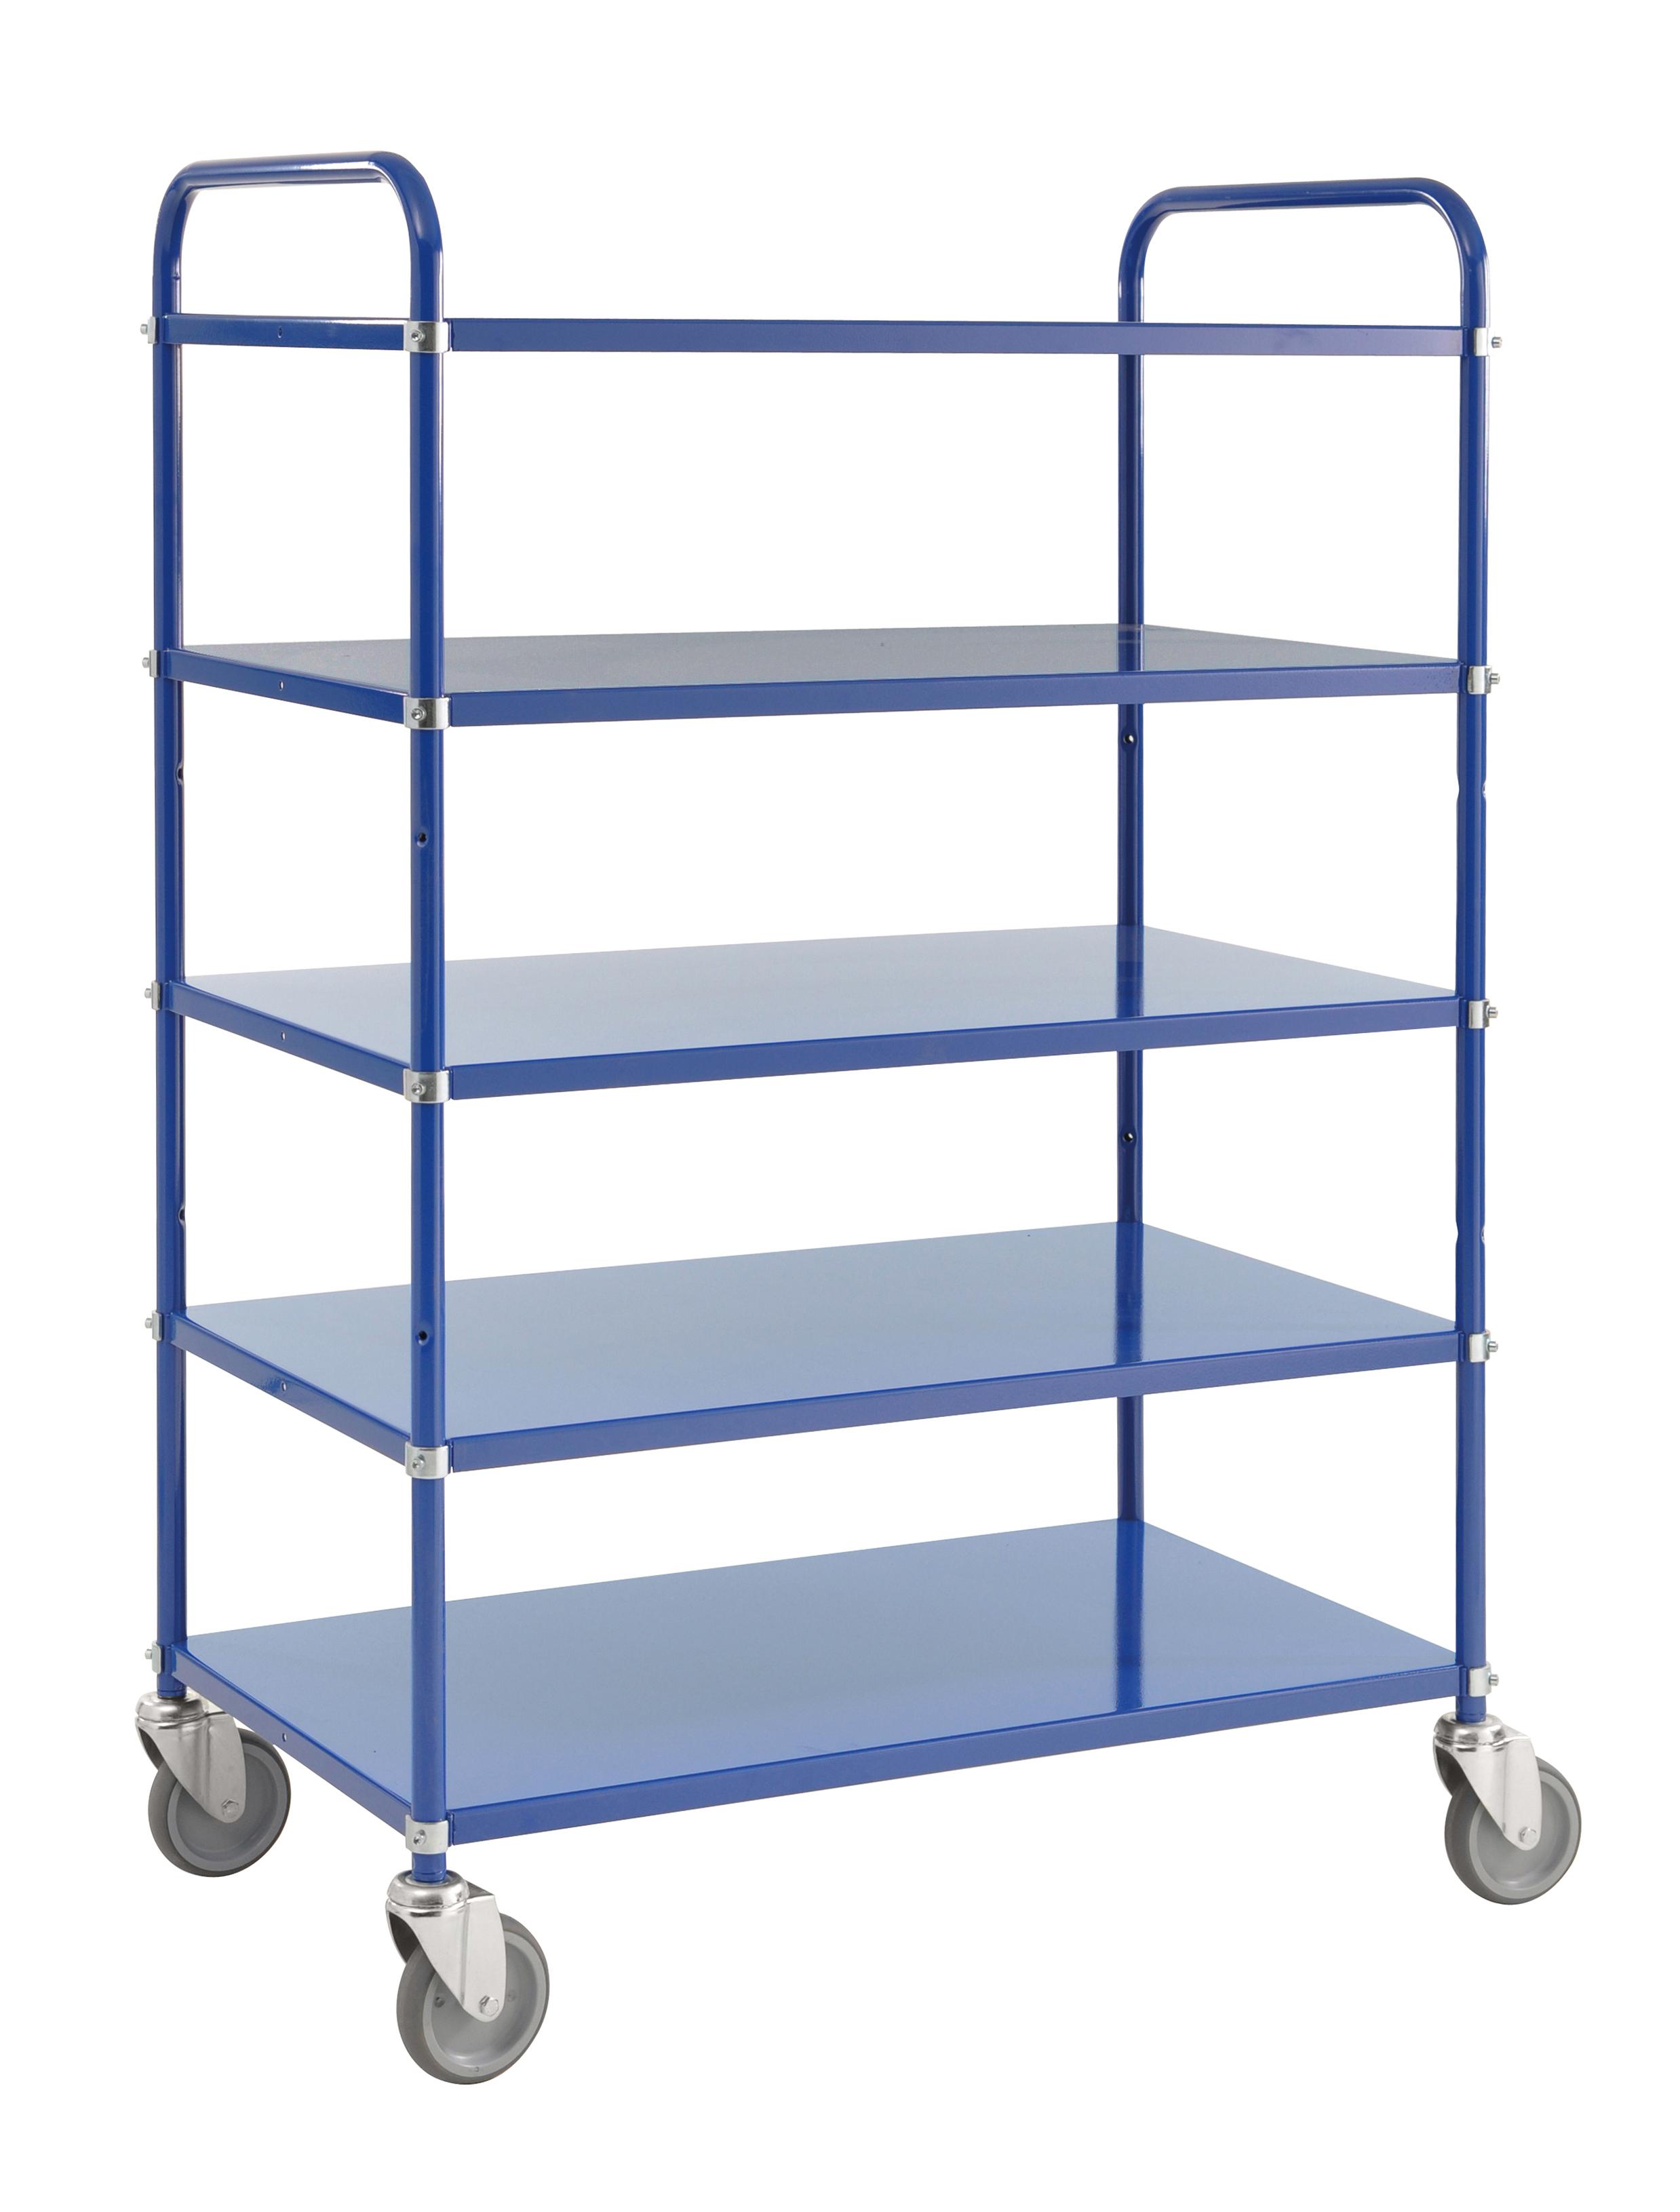 Light shelf trolley KM4124-B